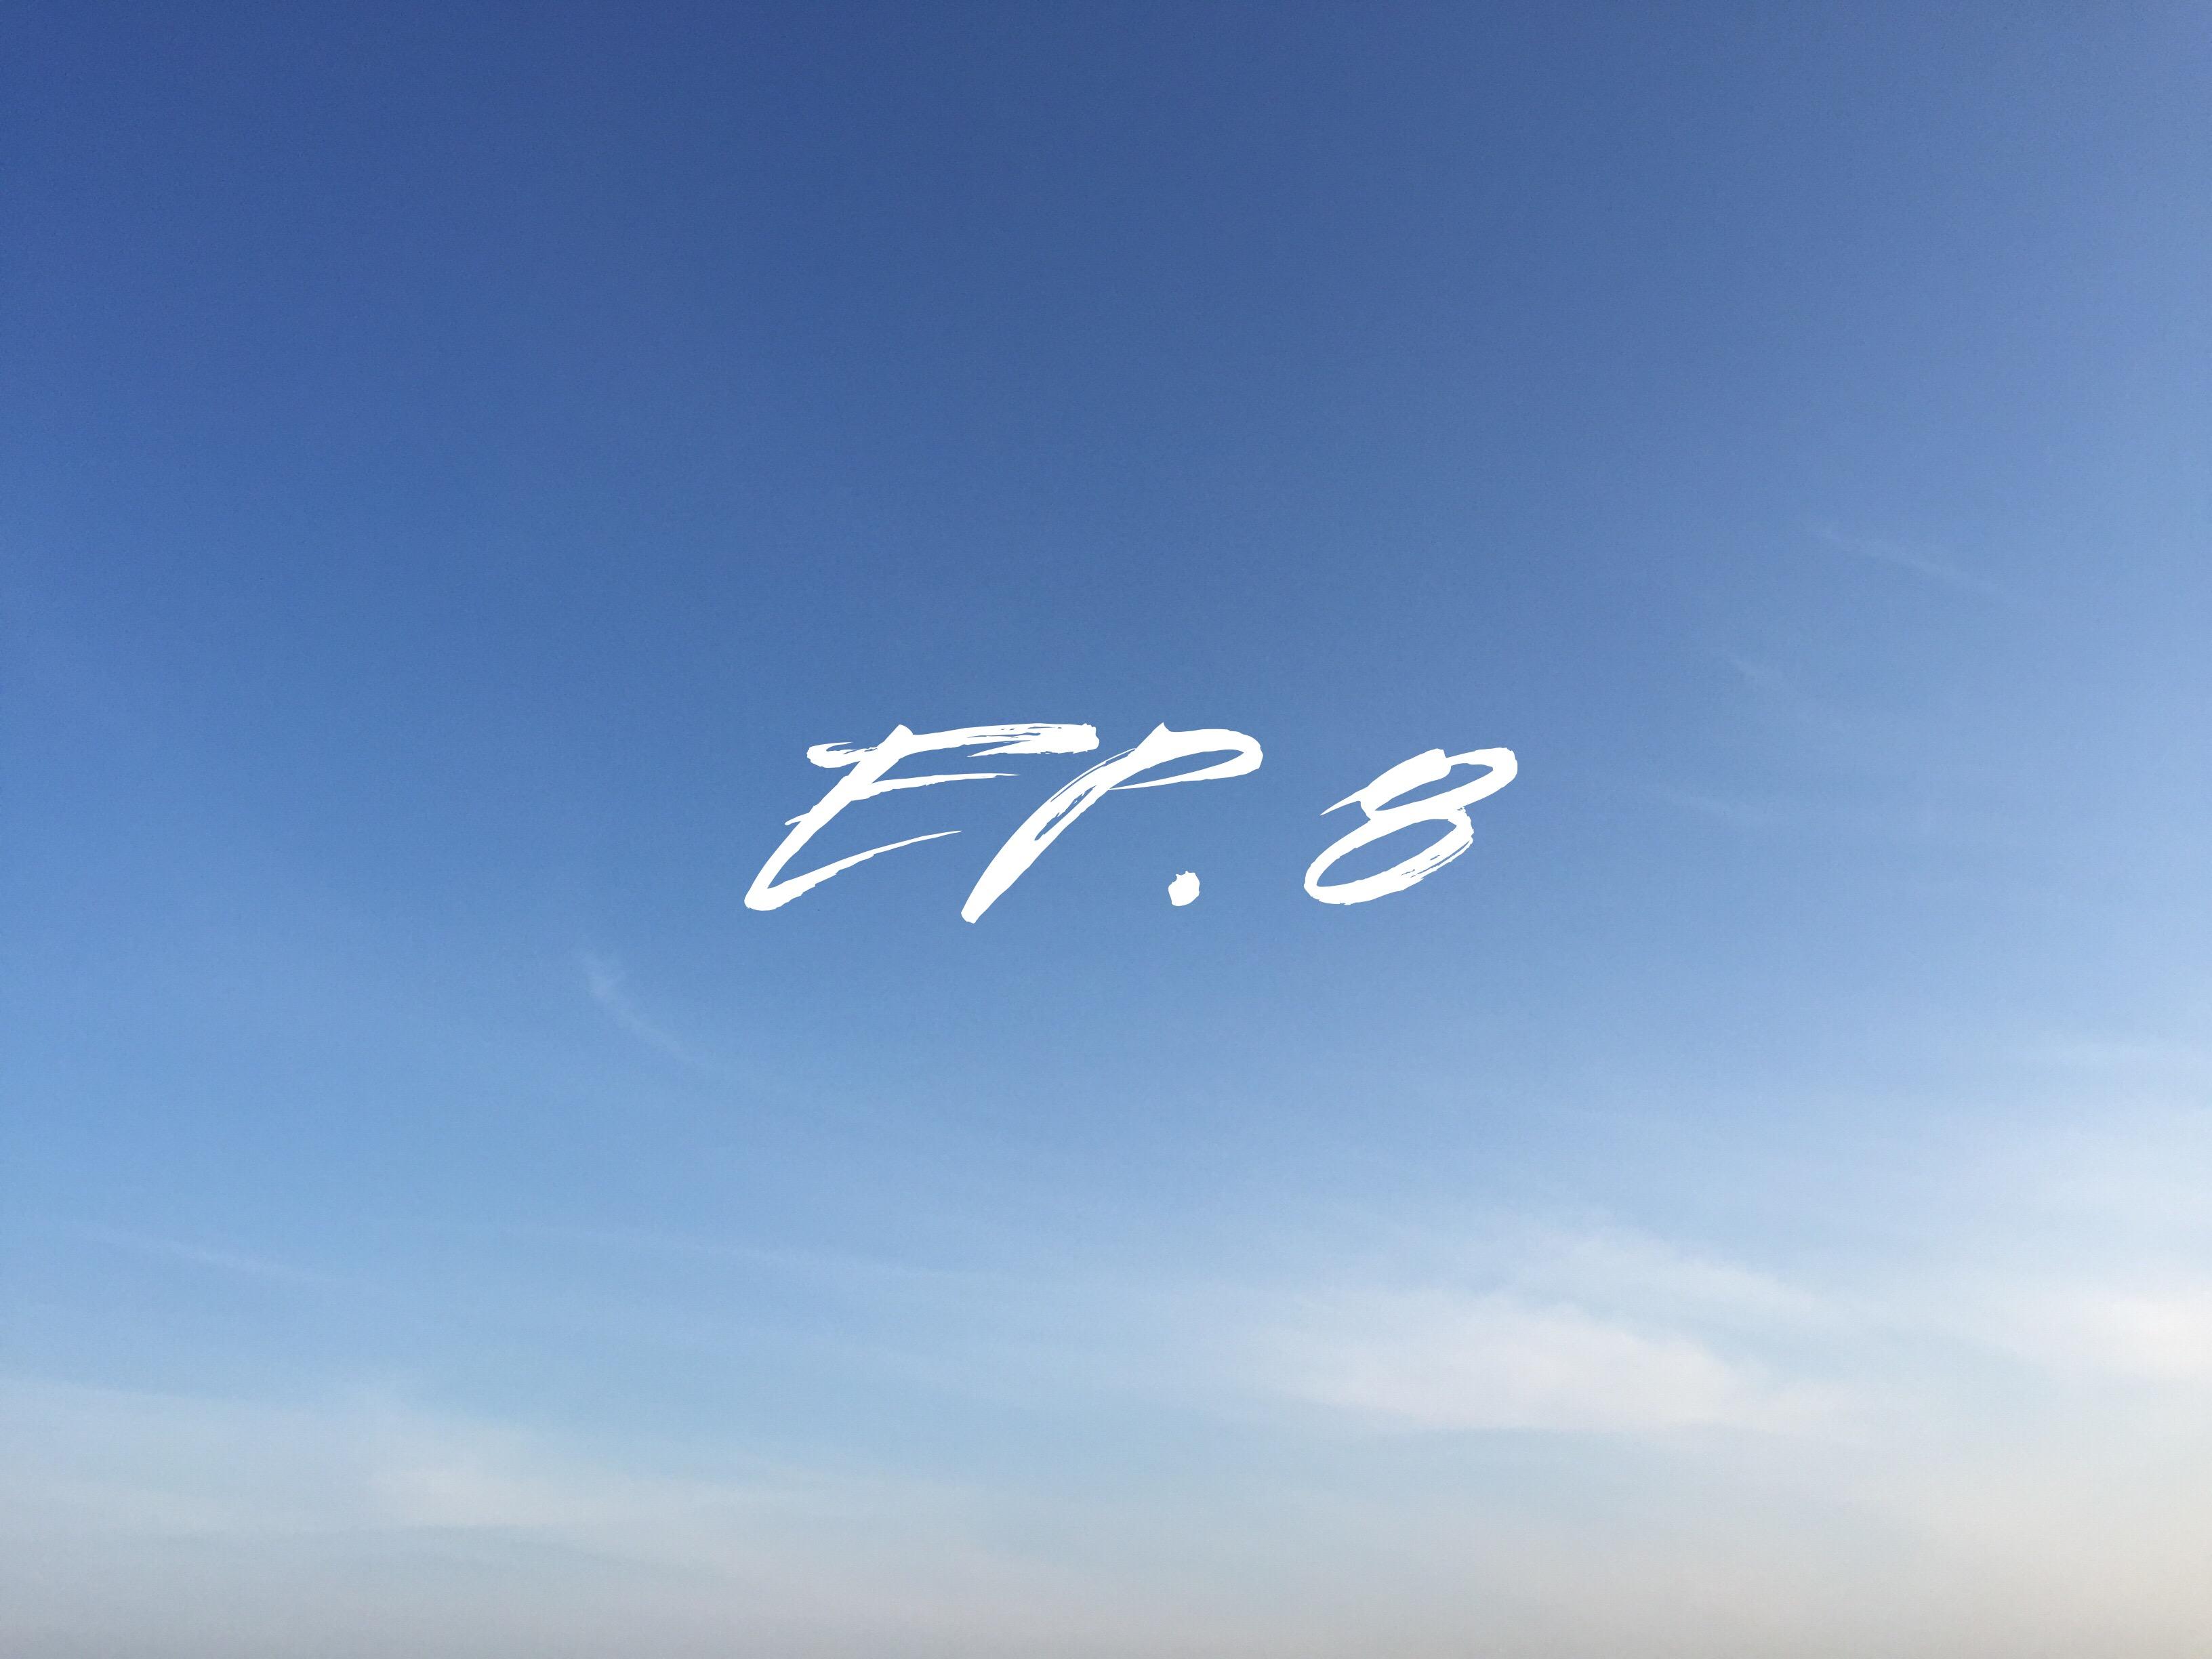 [ฝัน-ที-ละ-ก้าว] EP.8 -คนใกล้มองไม่เห็น คนไกลมองเห็น-